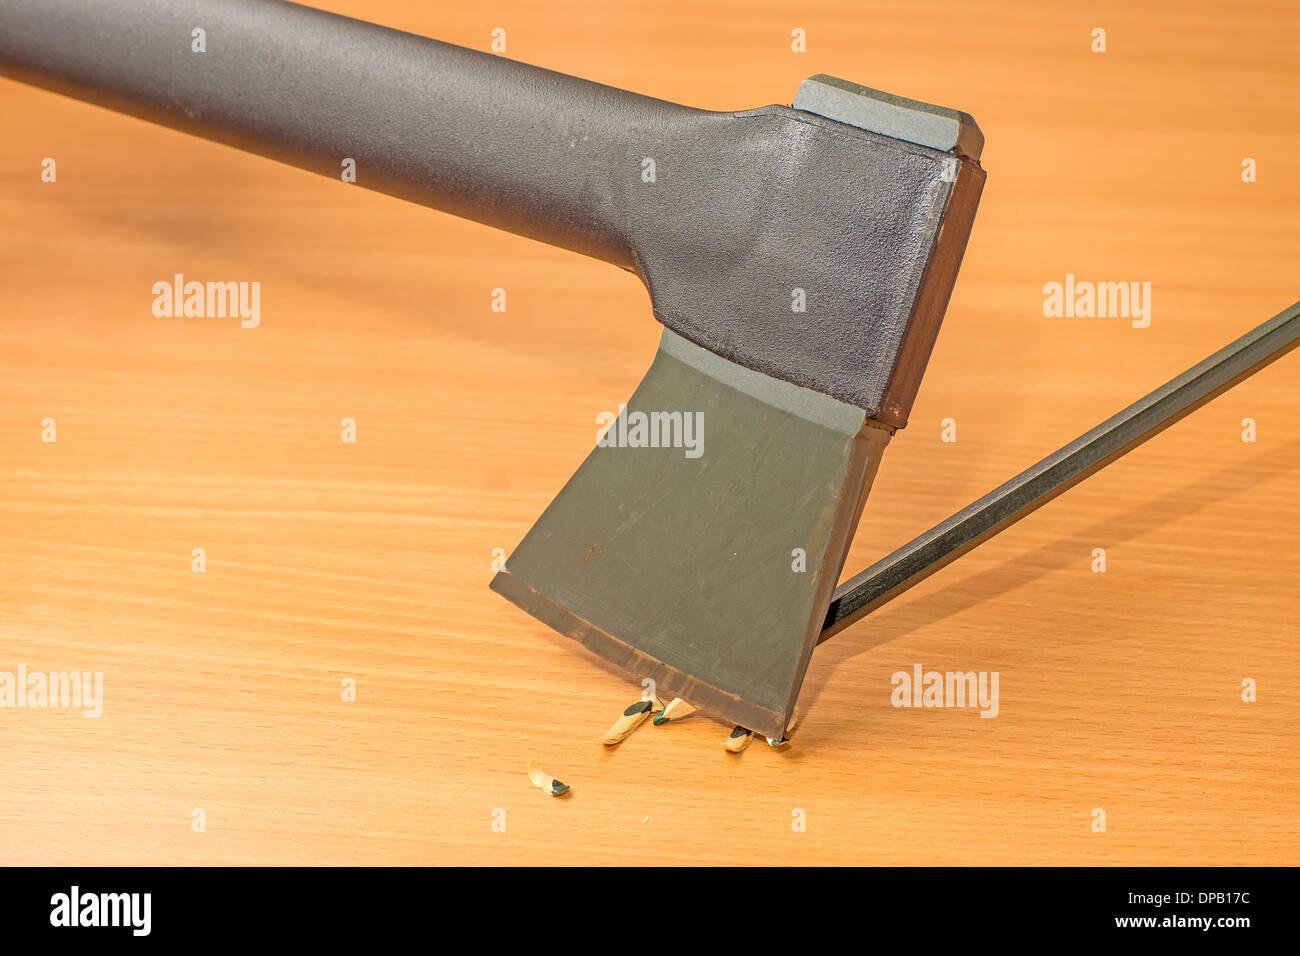 einen bleistift schärfen mit einer axt stockfoto, bild: 65396000 - alamy